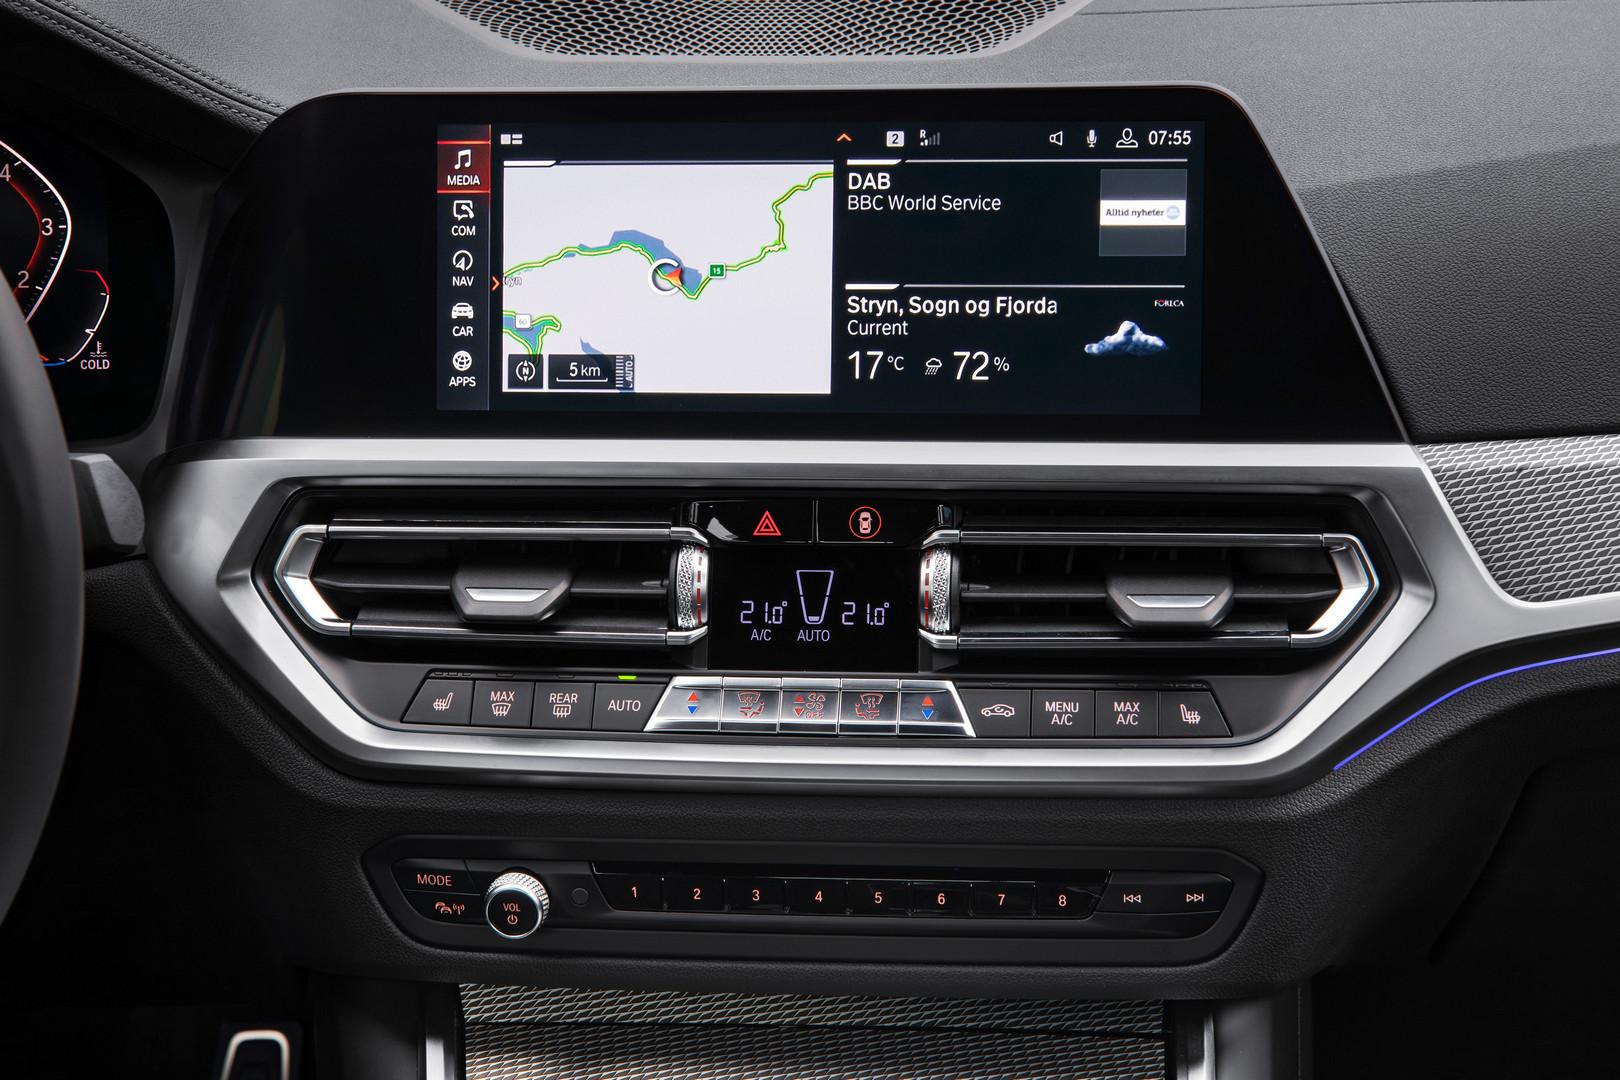 2019 BMW 3 Series G20 Interior